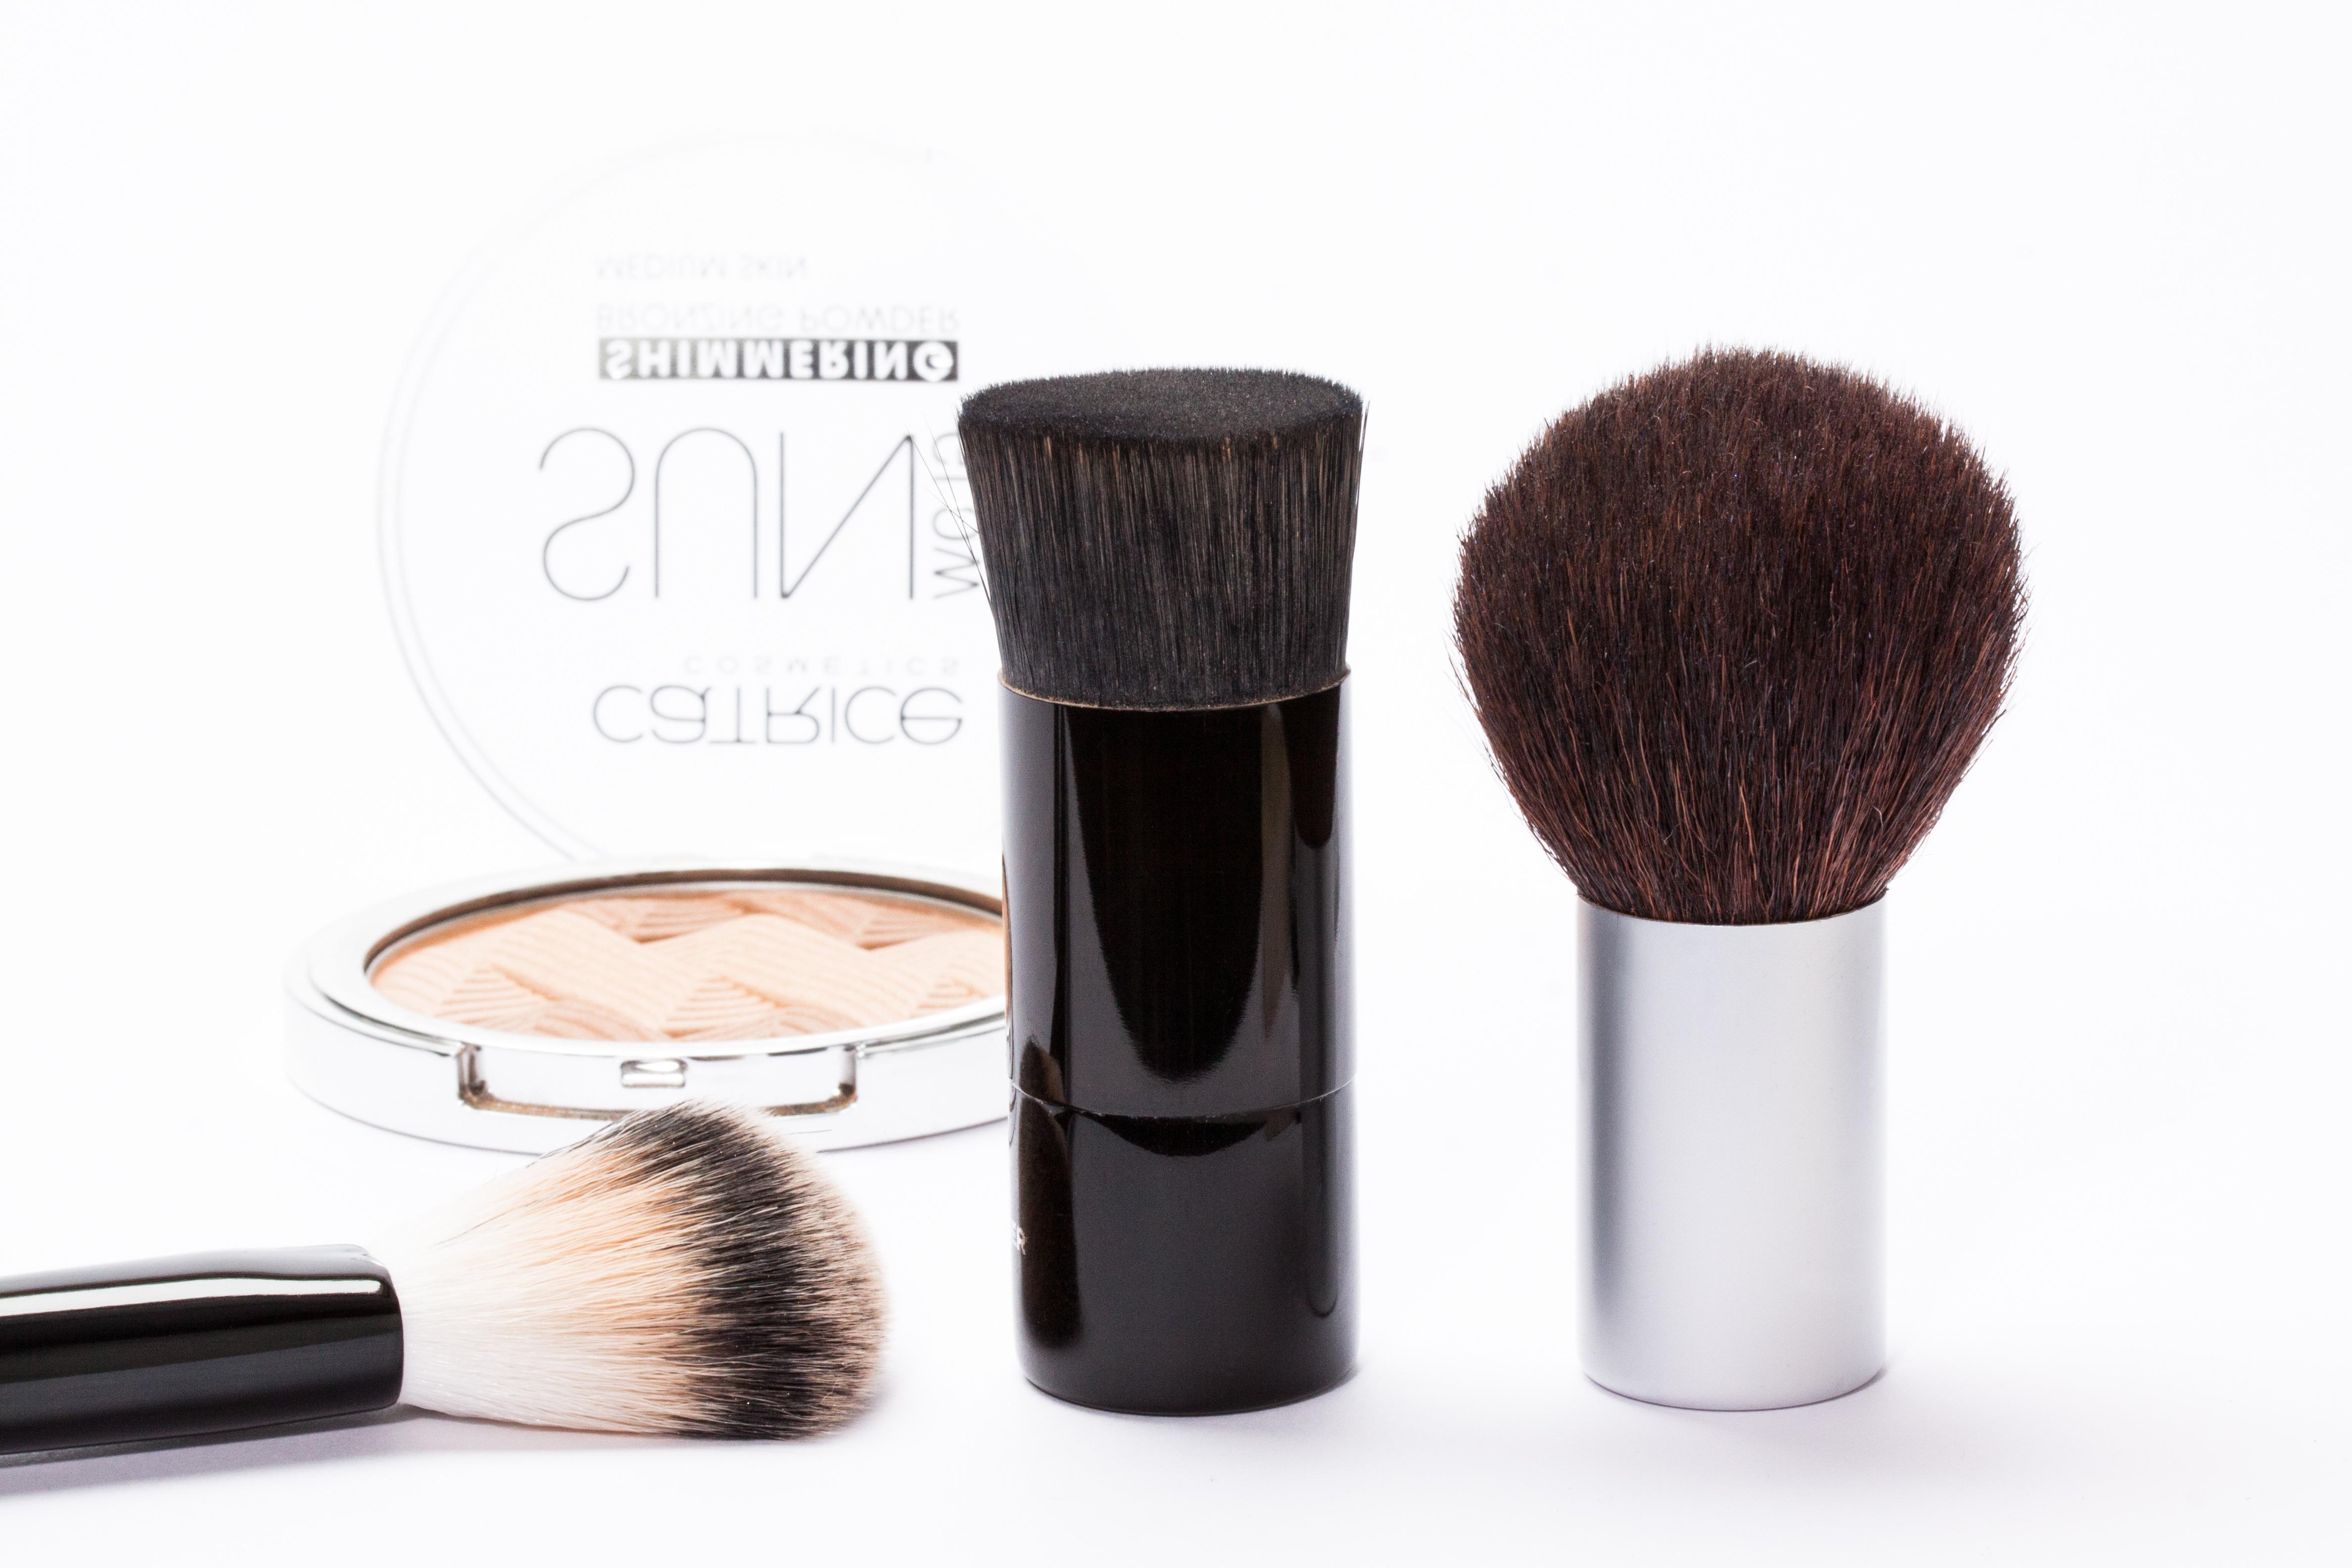 Free Images : hair, white, brush, tool, black, makeup ...